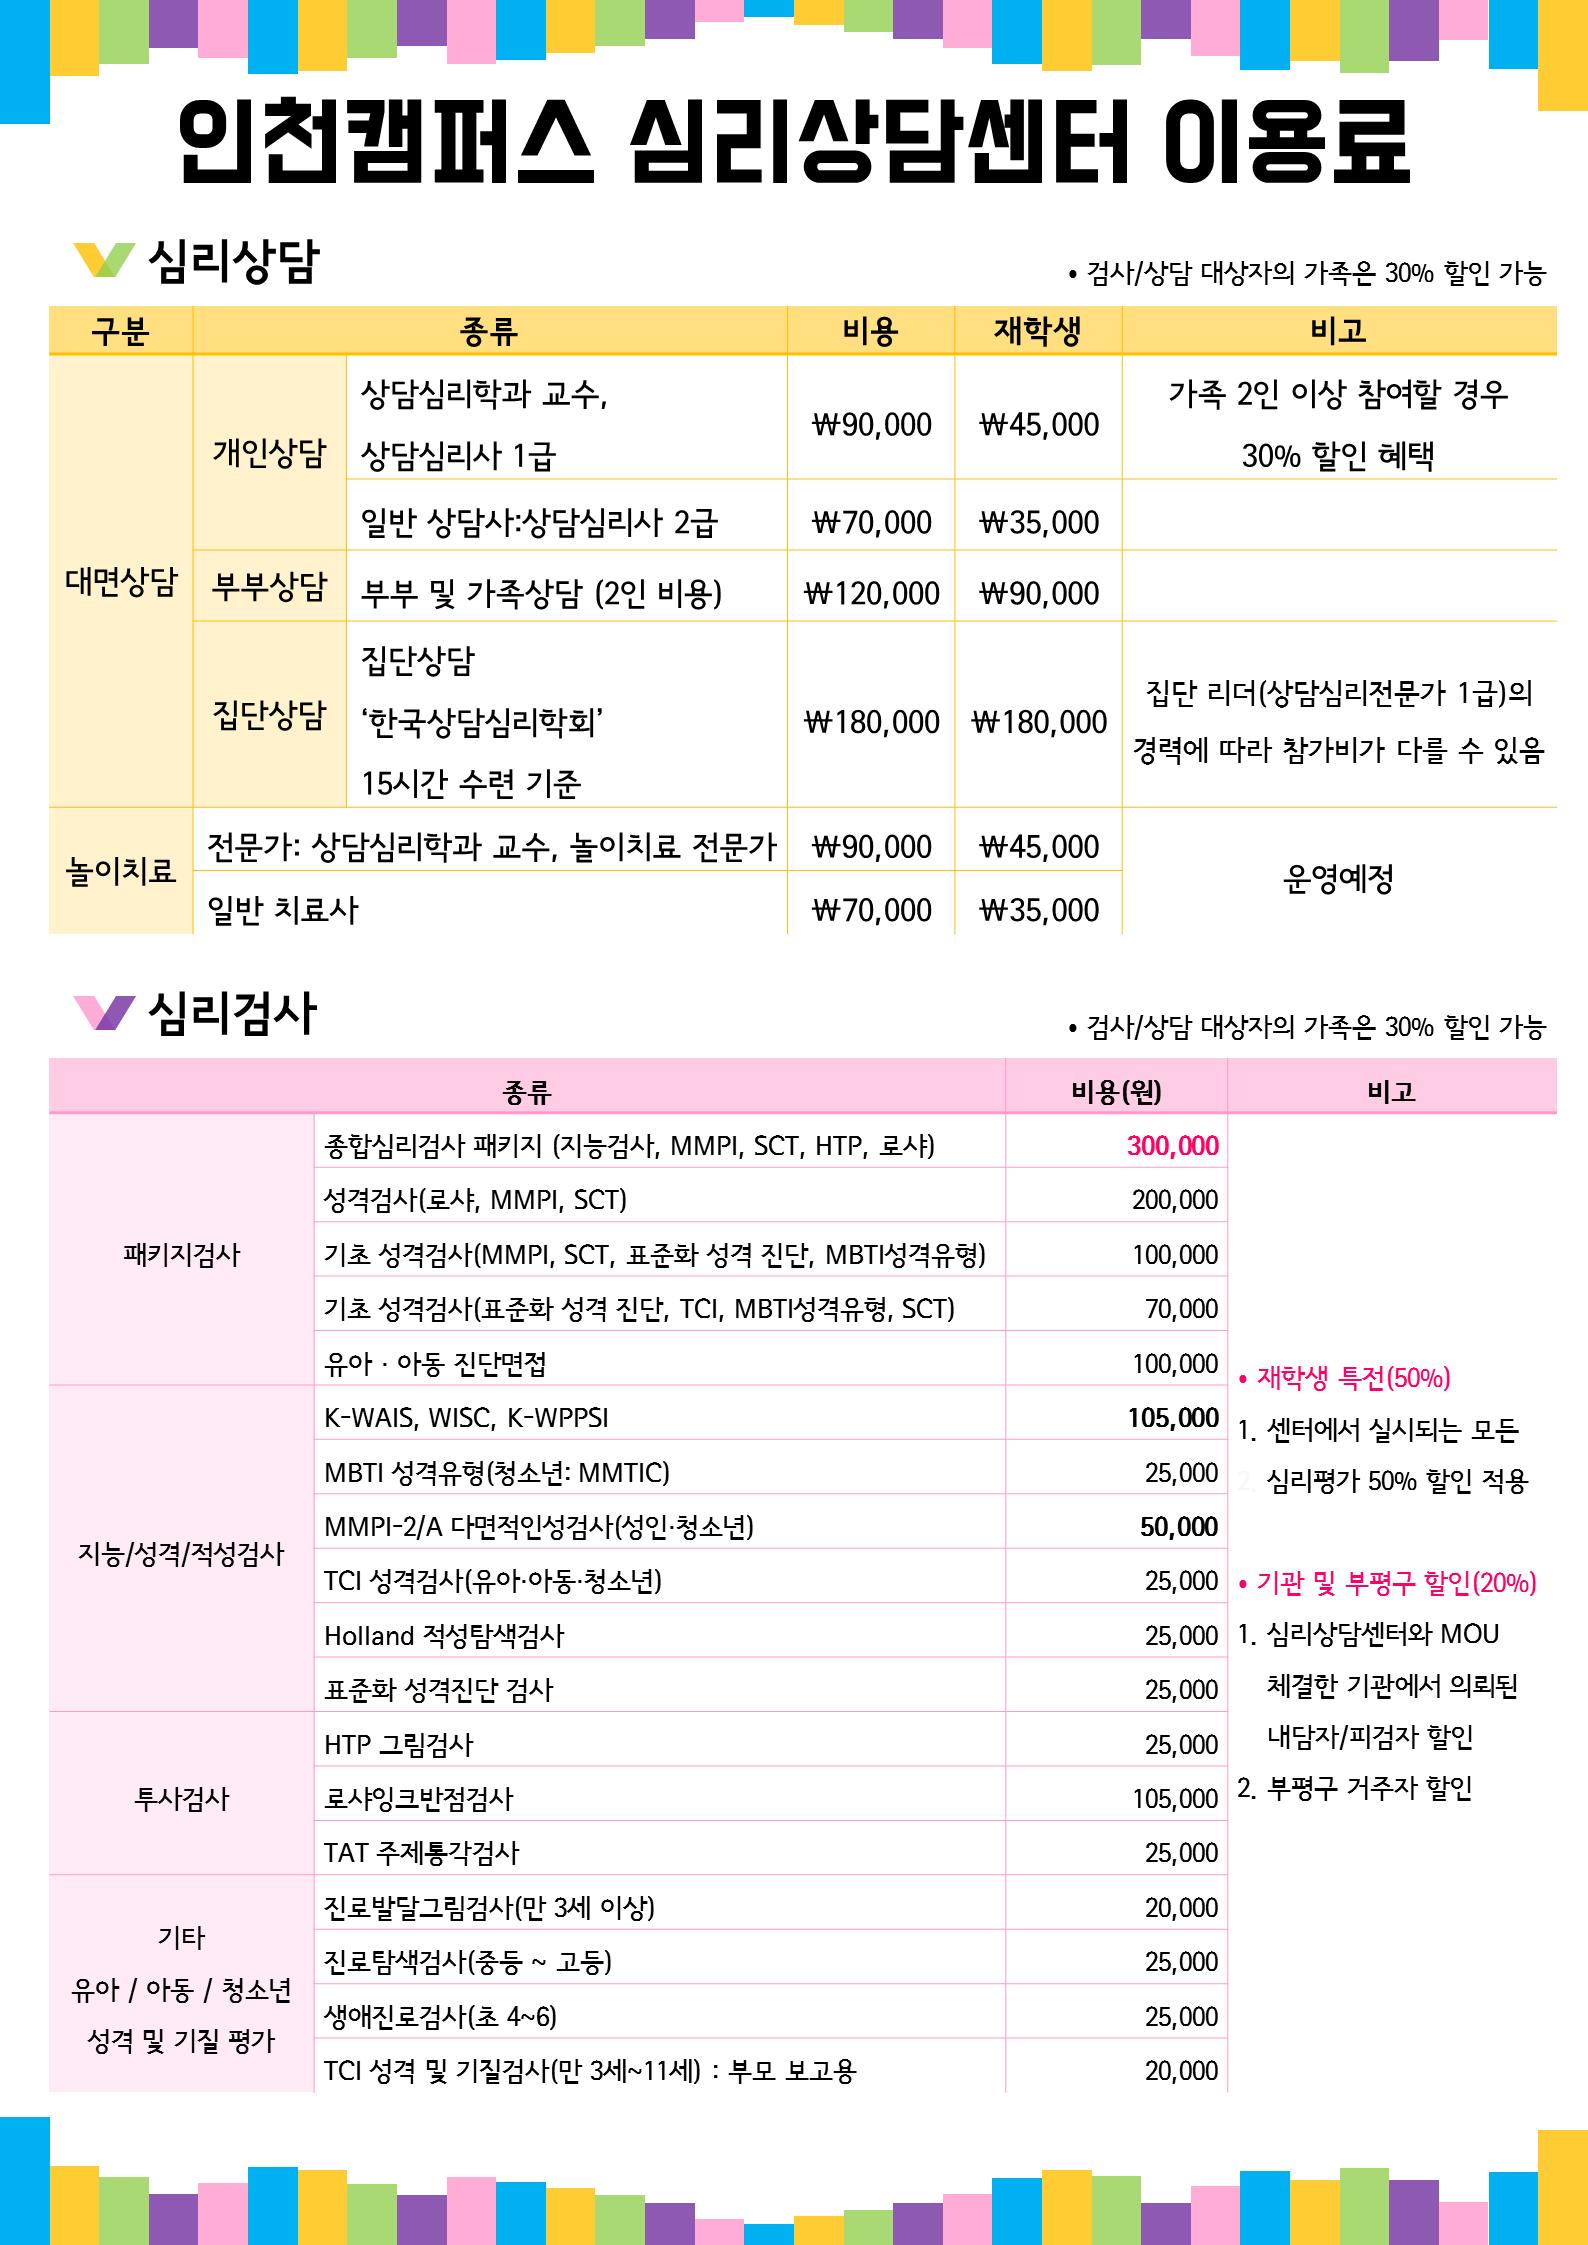 인천캠퍼스 심리상담센터 이용료